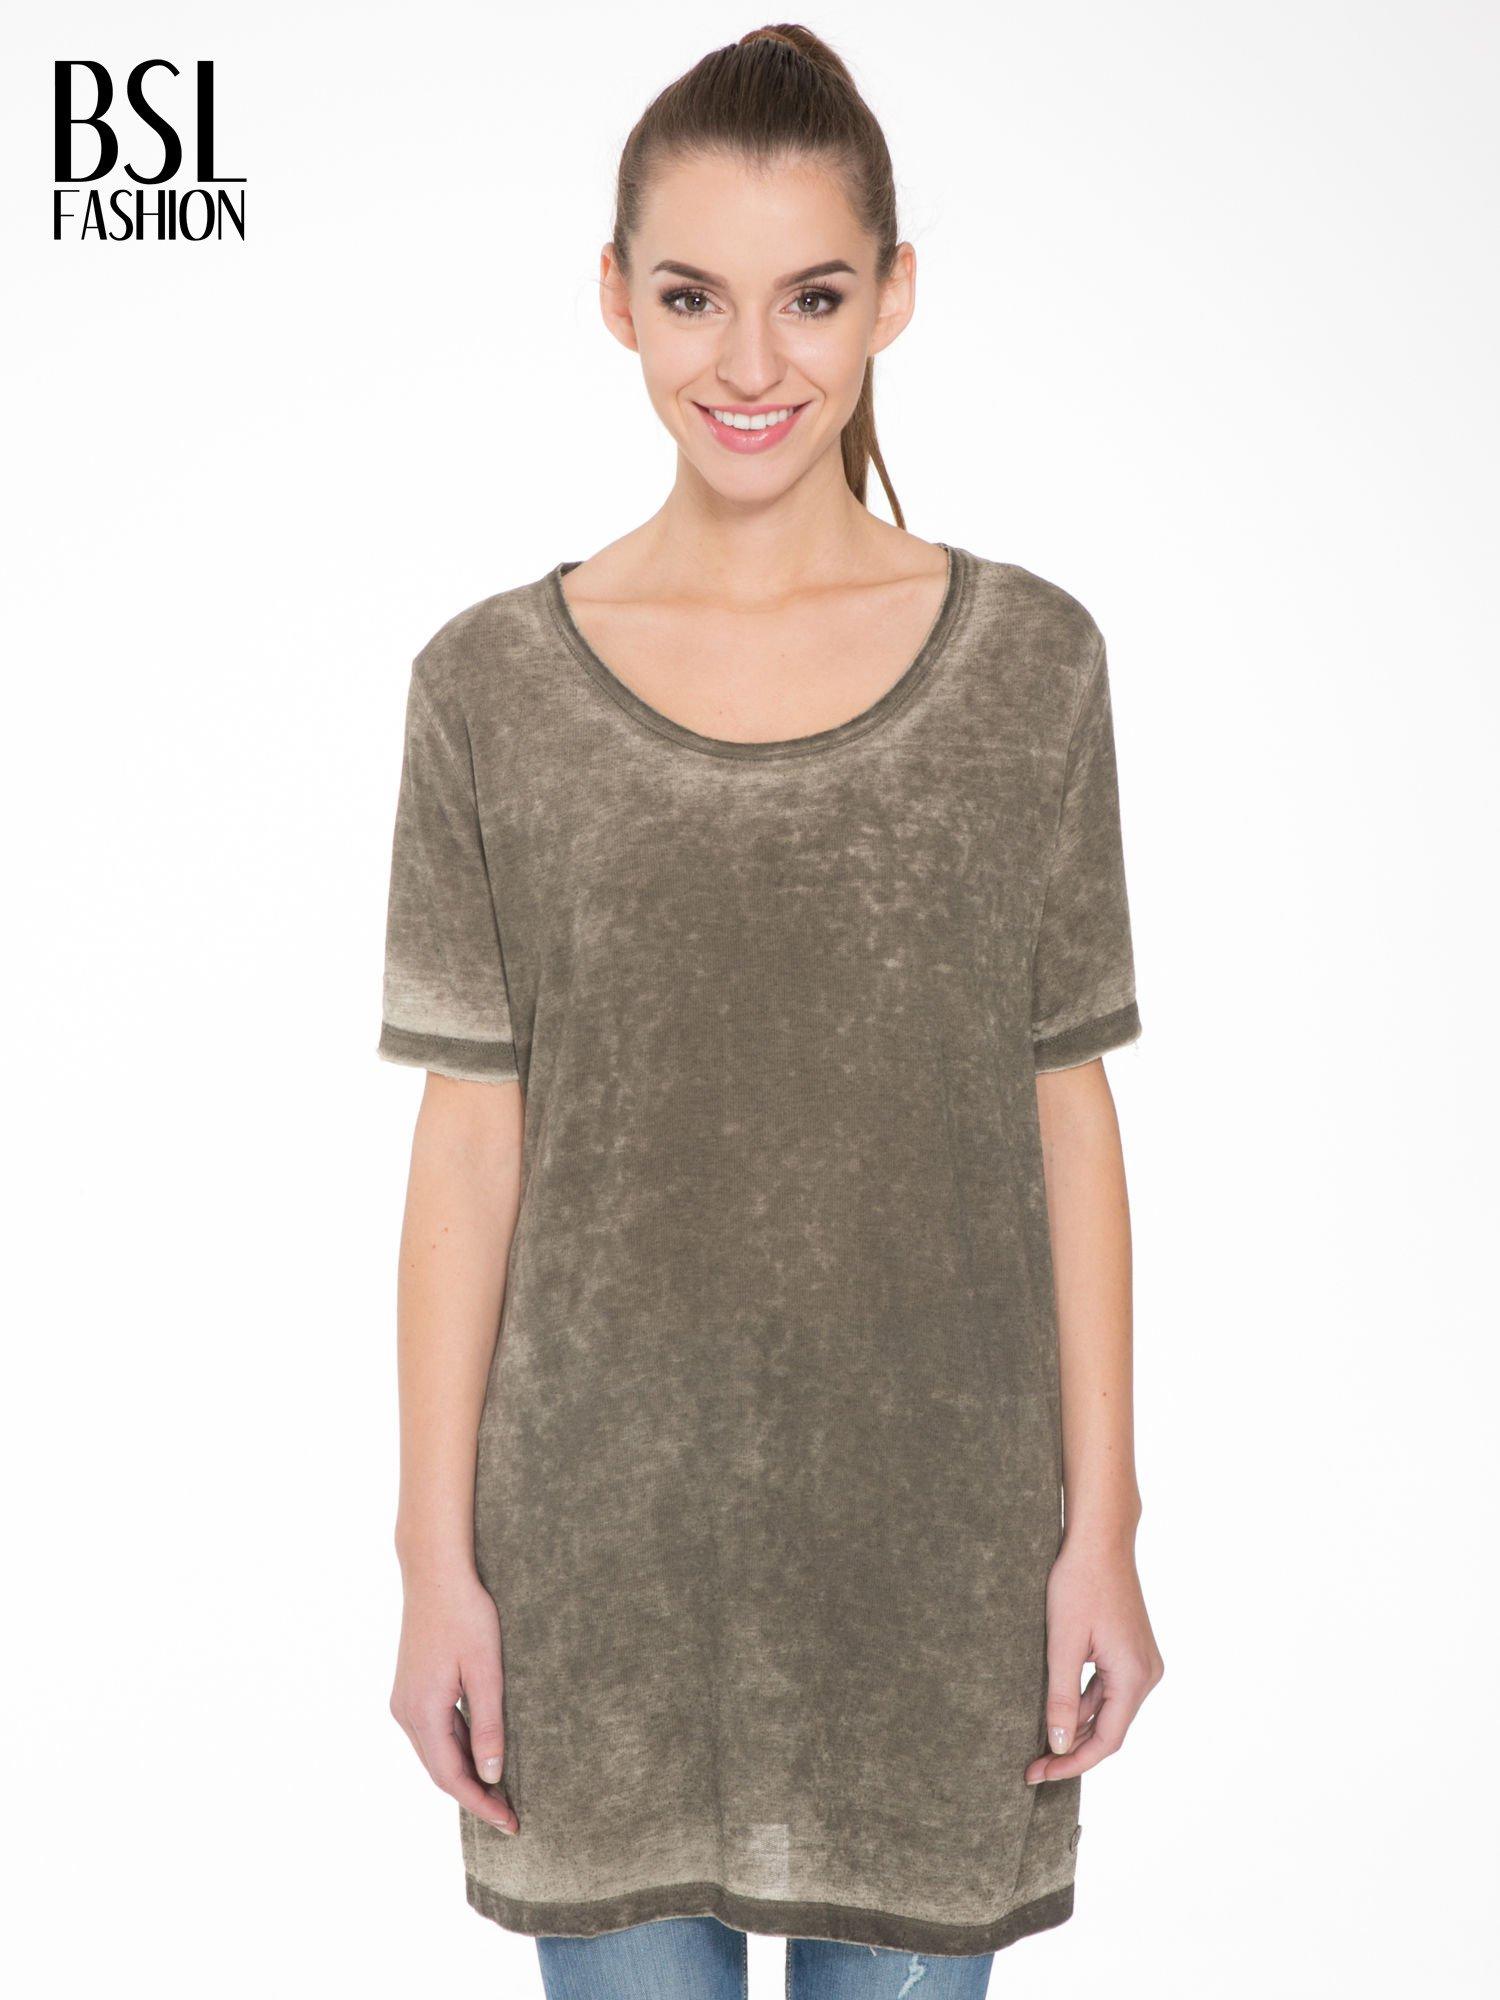 Khaki sukienka typu t-shirt bluzka z efektem dekatyzowania                                  zdj.                                  1